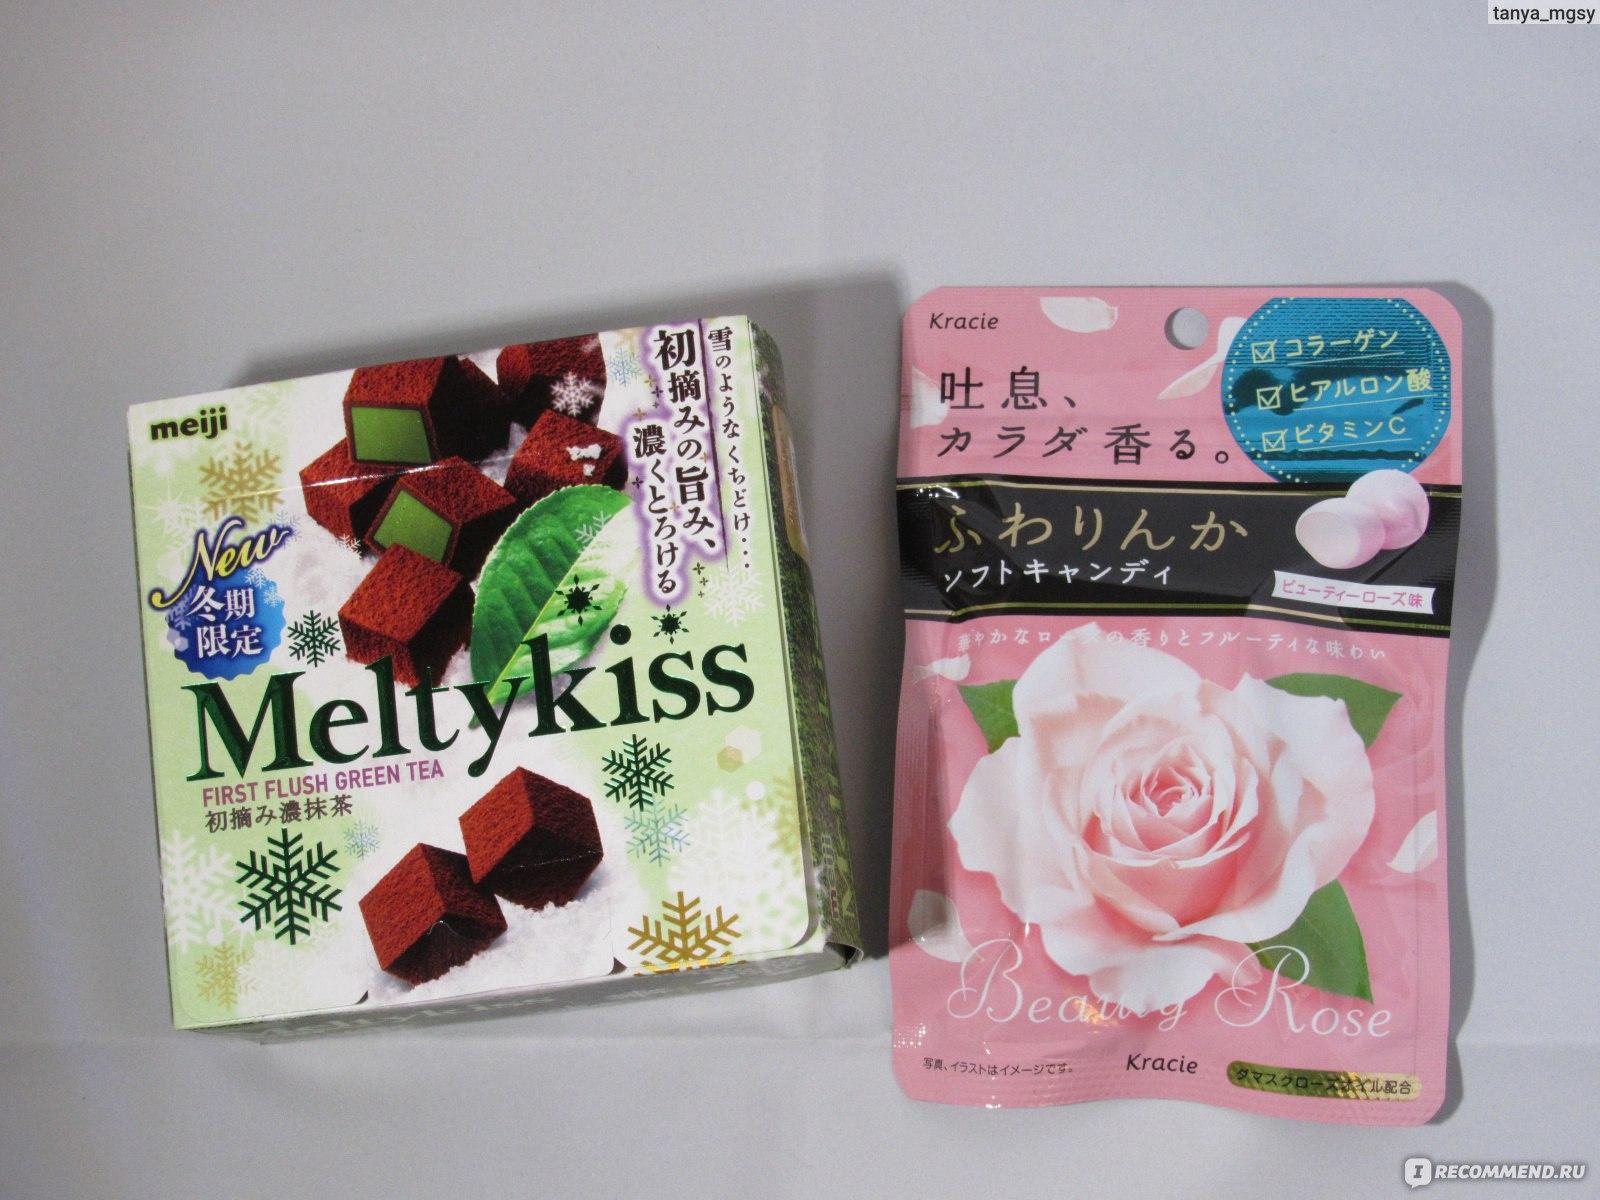 Купить в минске японскую косметику баночки стеклянные для косметики купить